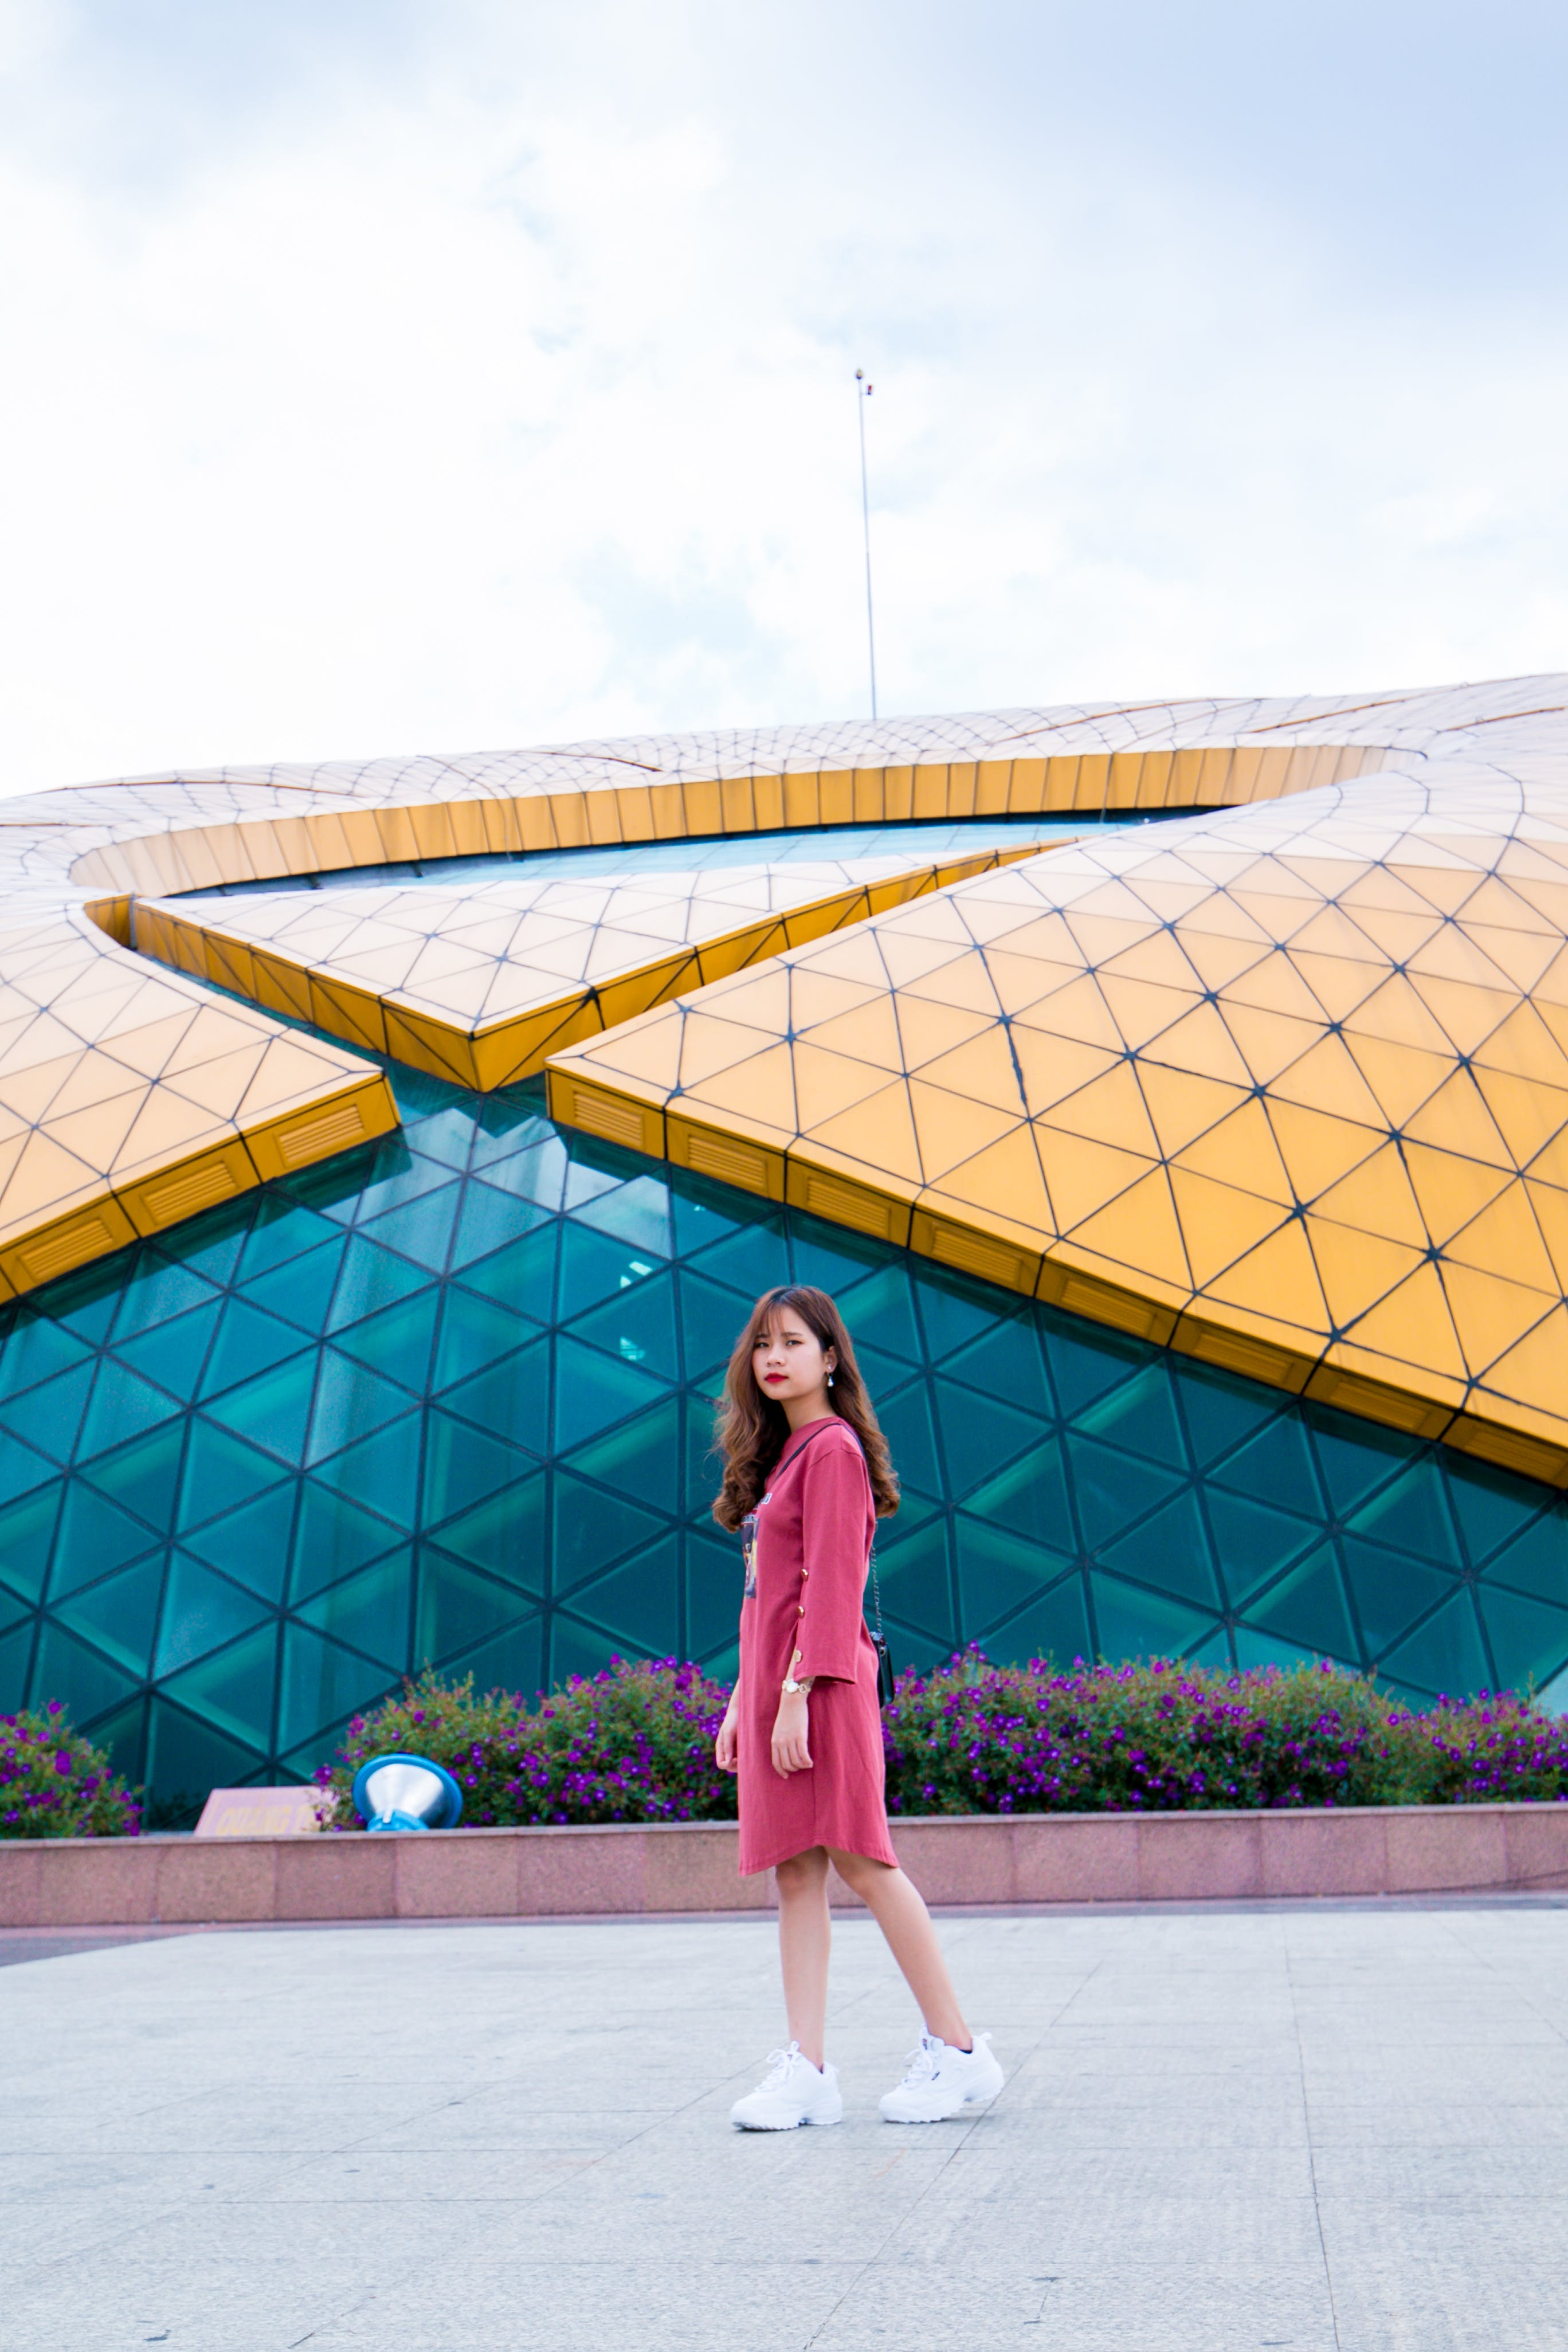 건물, 건축, 라이프스타일, 레저의 무료 스톡 사진